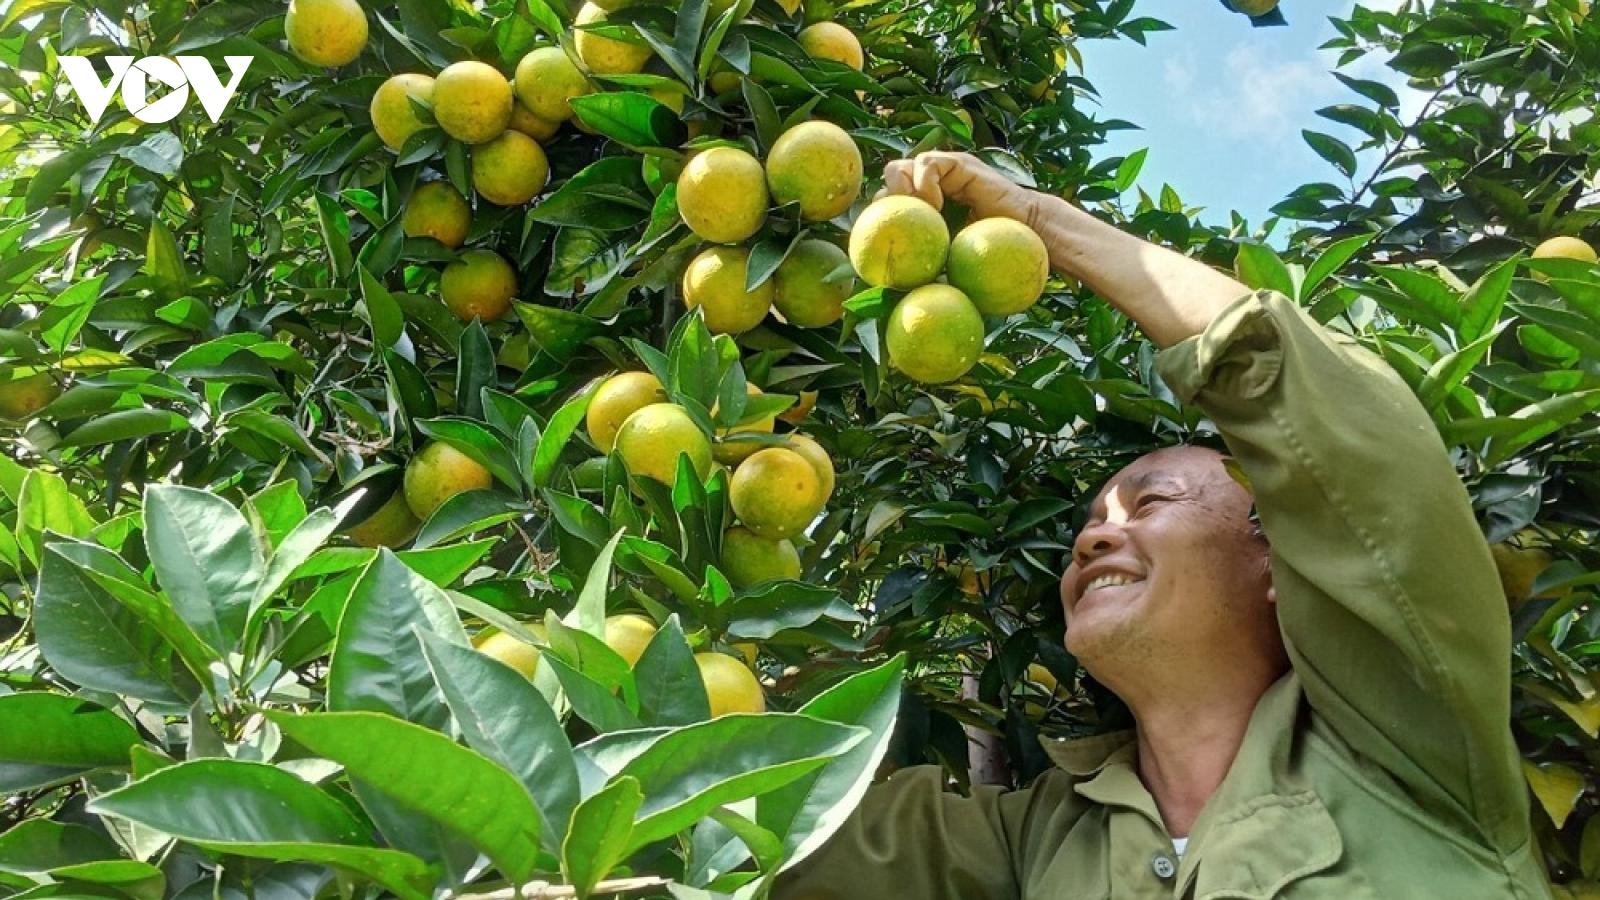 Đặc sản hoa quả Sơn La giúp người dân làm giàu trên đất dốc